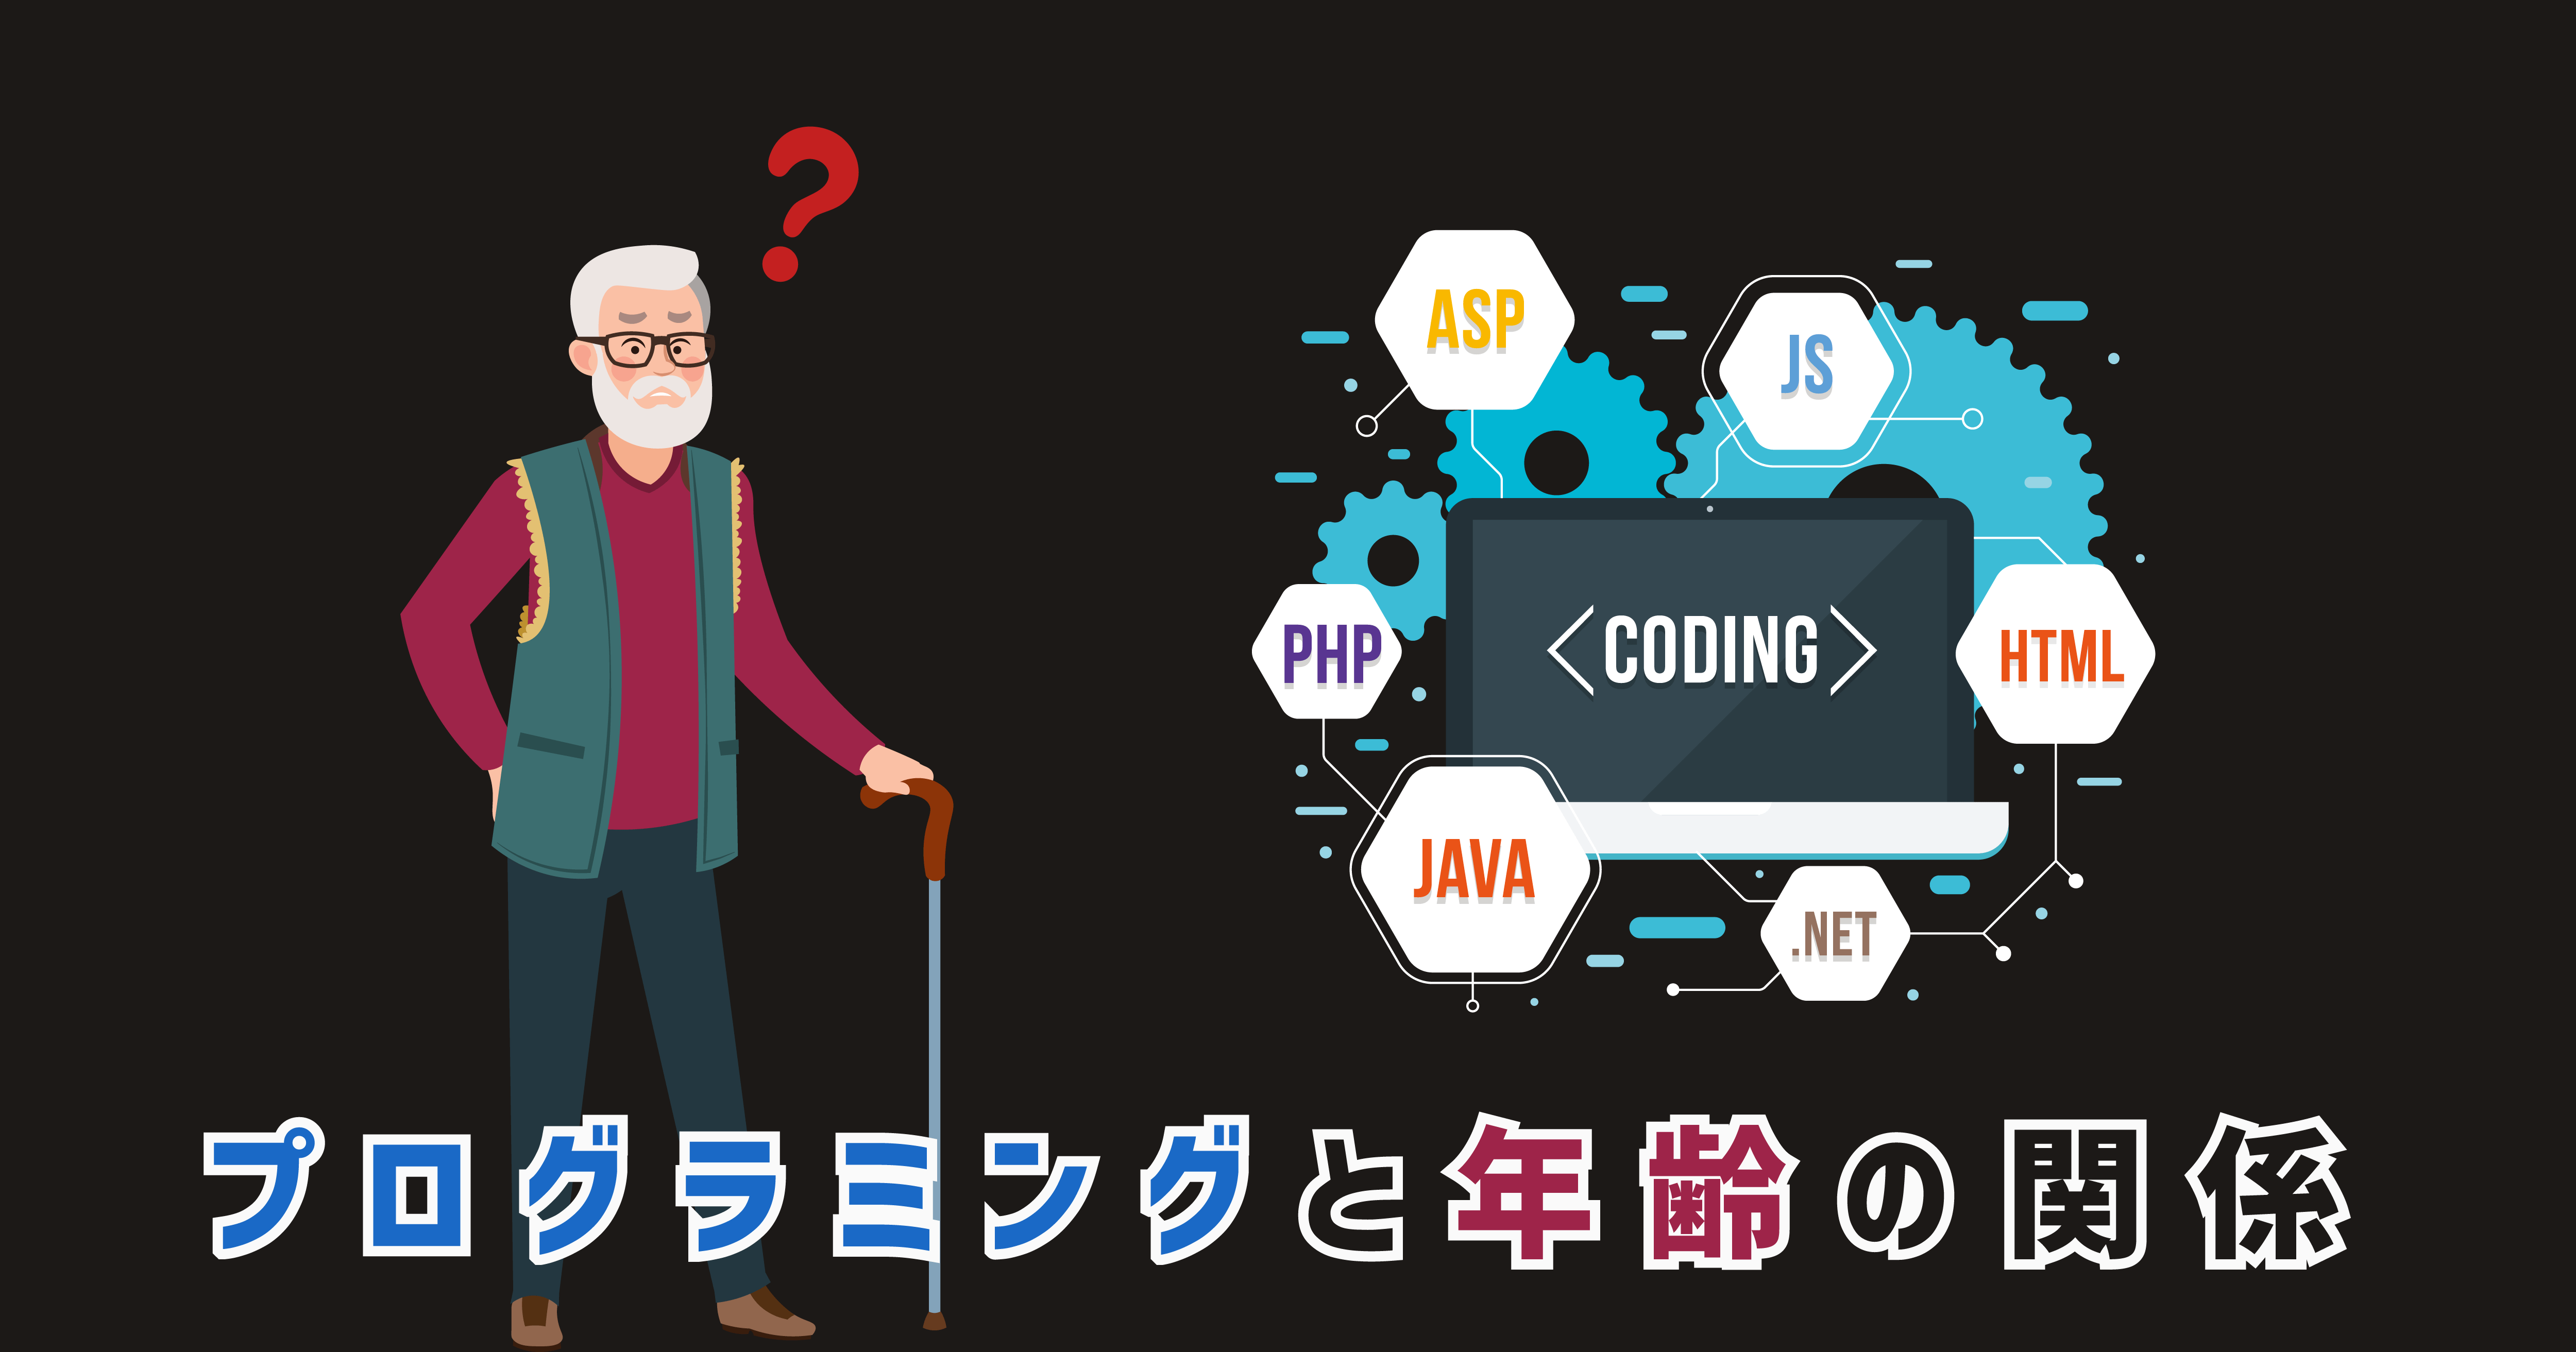 プログラミングと年齢の関係